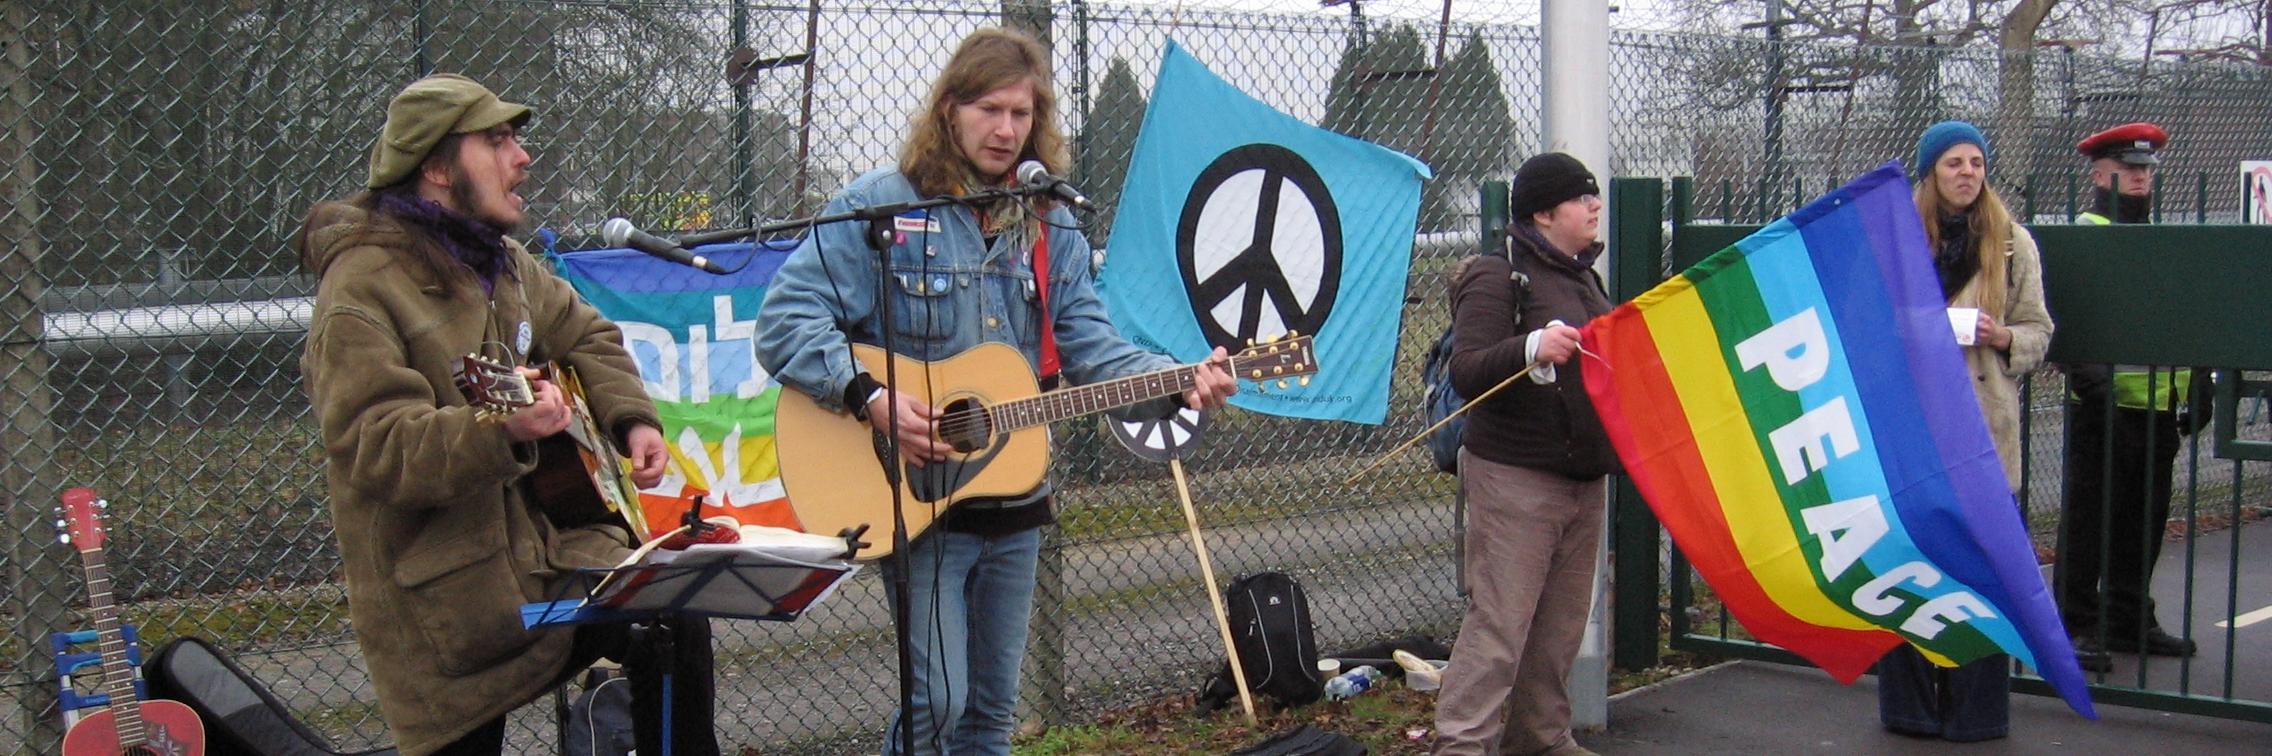 Musiikkia ydinasetehtaan portailla